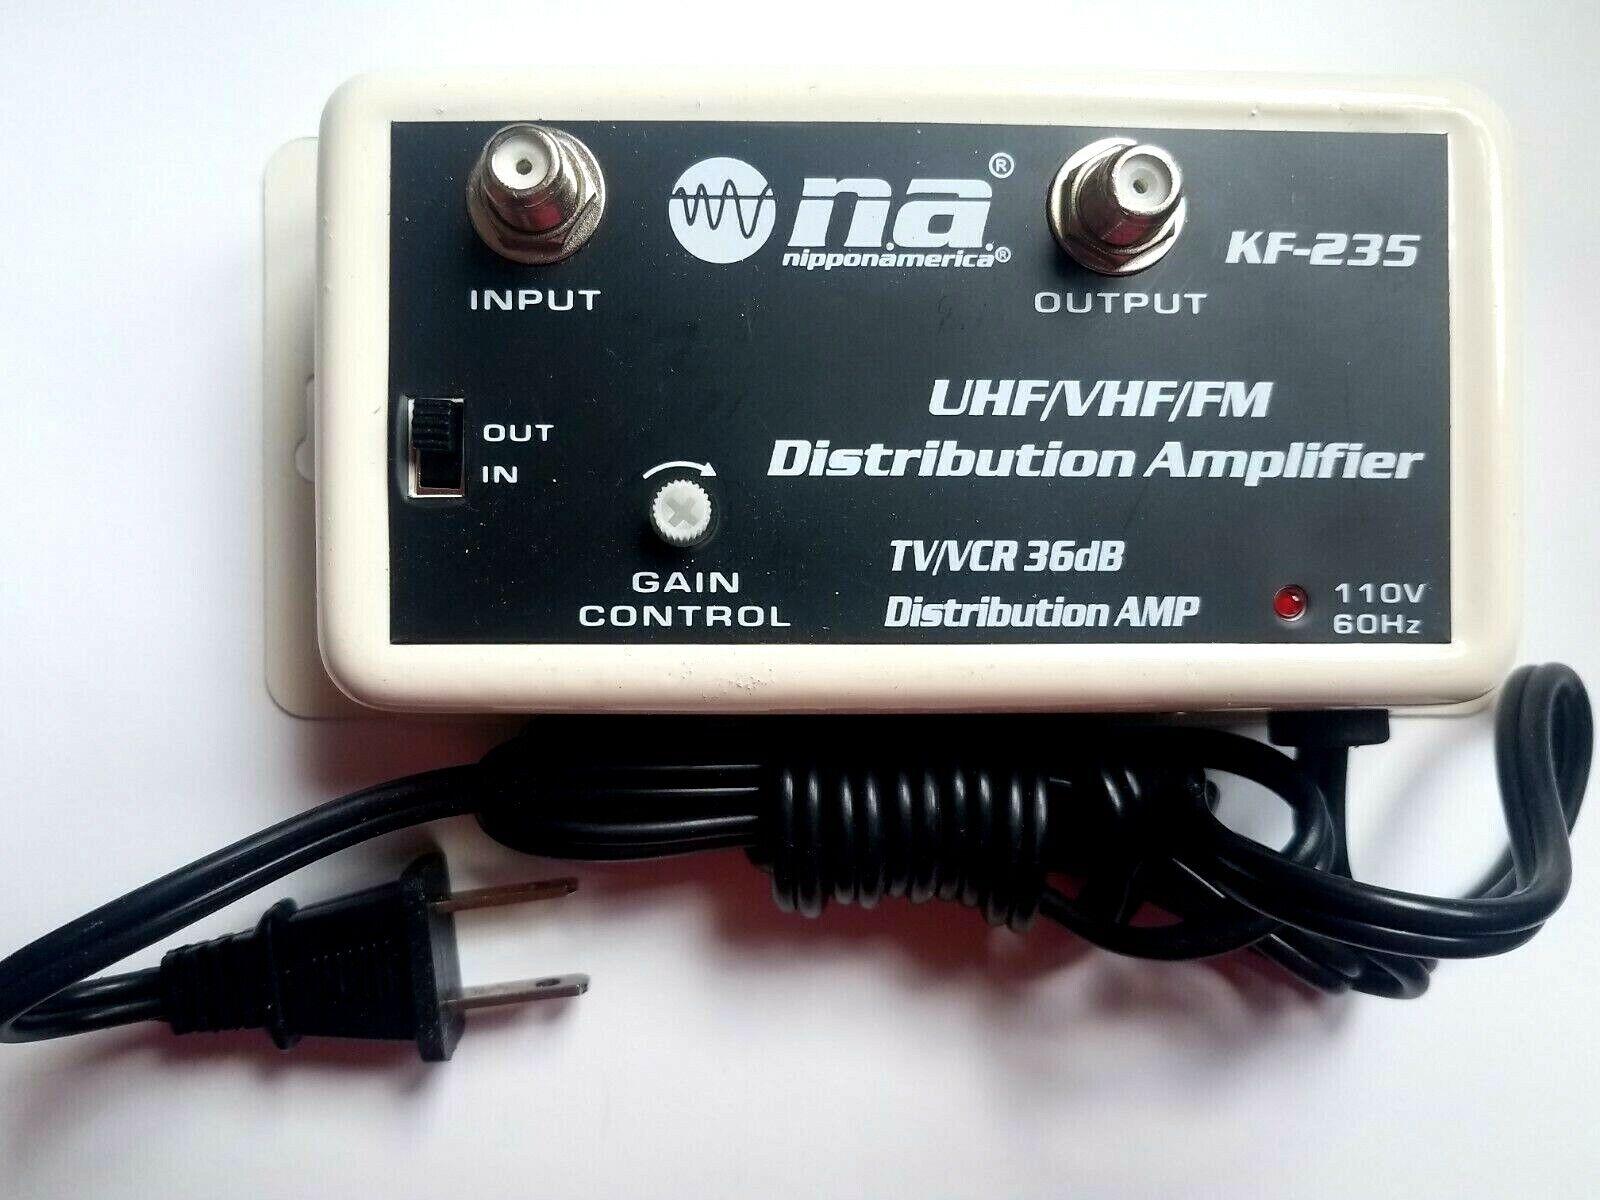 как выглядит Усилитель ТВ сигнала или фильтр NEW PRO 36 DB CABLE TV ANTENNA BOOSTER  SIGNAL AMPLIFIER 36DB HDTV AMP SHIPS USA фото